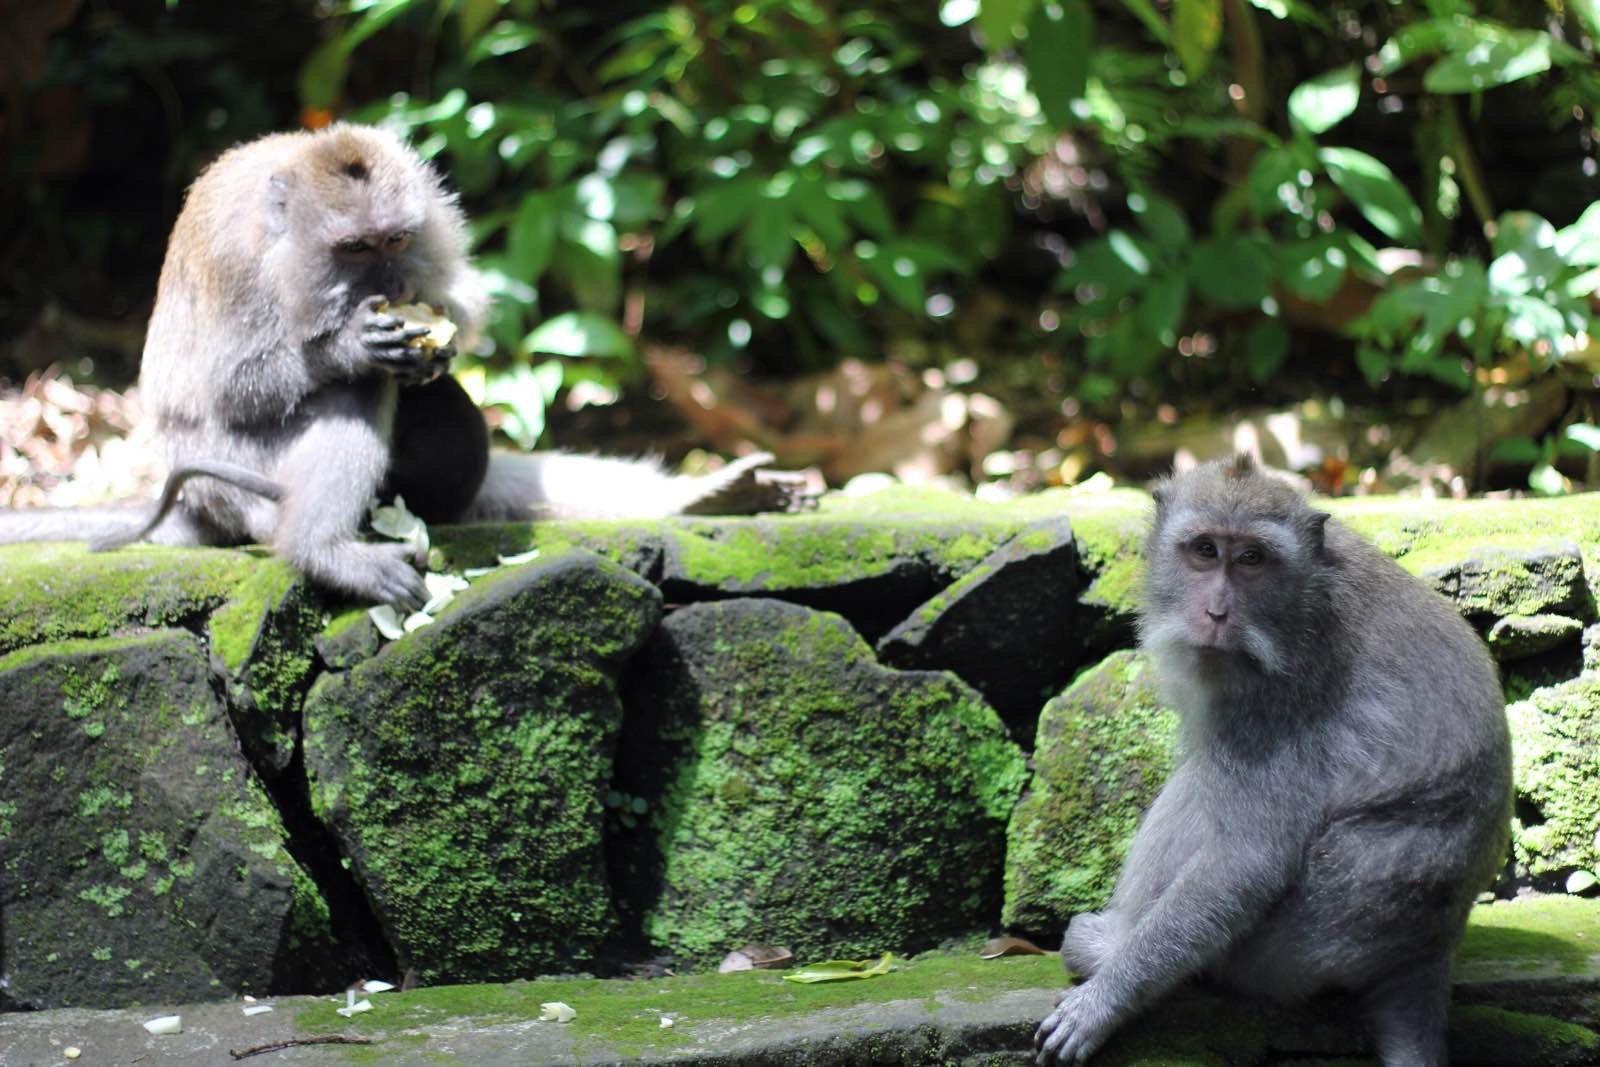 景区不大,古树很多,连玩带逛1小时足够了。我是自己到门口买的门票,3万一个人,一进门就看见卖香蕉喂猴子的小摊,因为是下午去的,猴子们已经被游客喂的饱饱的了,完全不抢东西,一个个都在那睡懒觉,偶尔会看见一两只躺地上玩石头,只要你不走过去和它自拍留影,它就不会咬你。景区中间有个寺庙,会有祭拜仪式,但当地人进入寺庙以后会把大门锁起来,游客禁止参观。景区外面是通往乌布皇宫的路,街边小店很多,都是当地特色产品,可以随意逛逛,感觉价钱比乌布市场开价低一些。